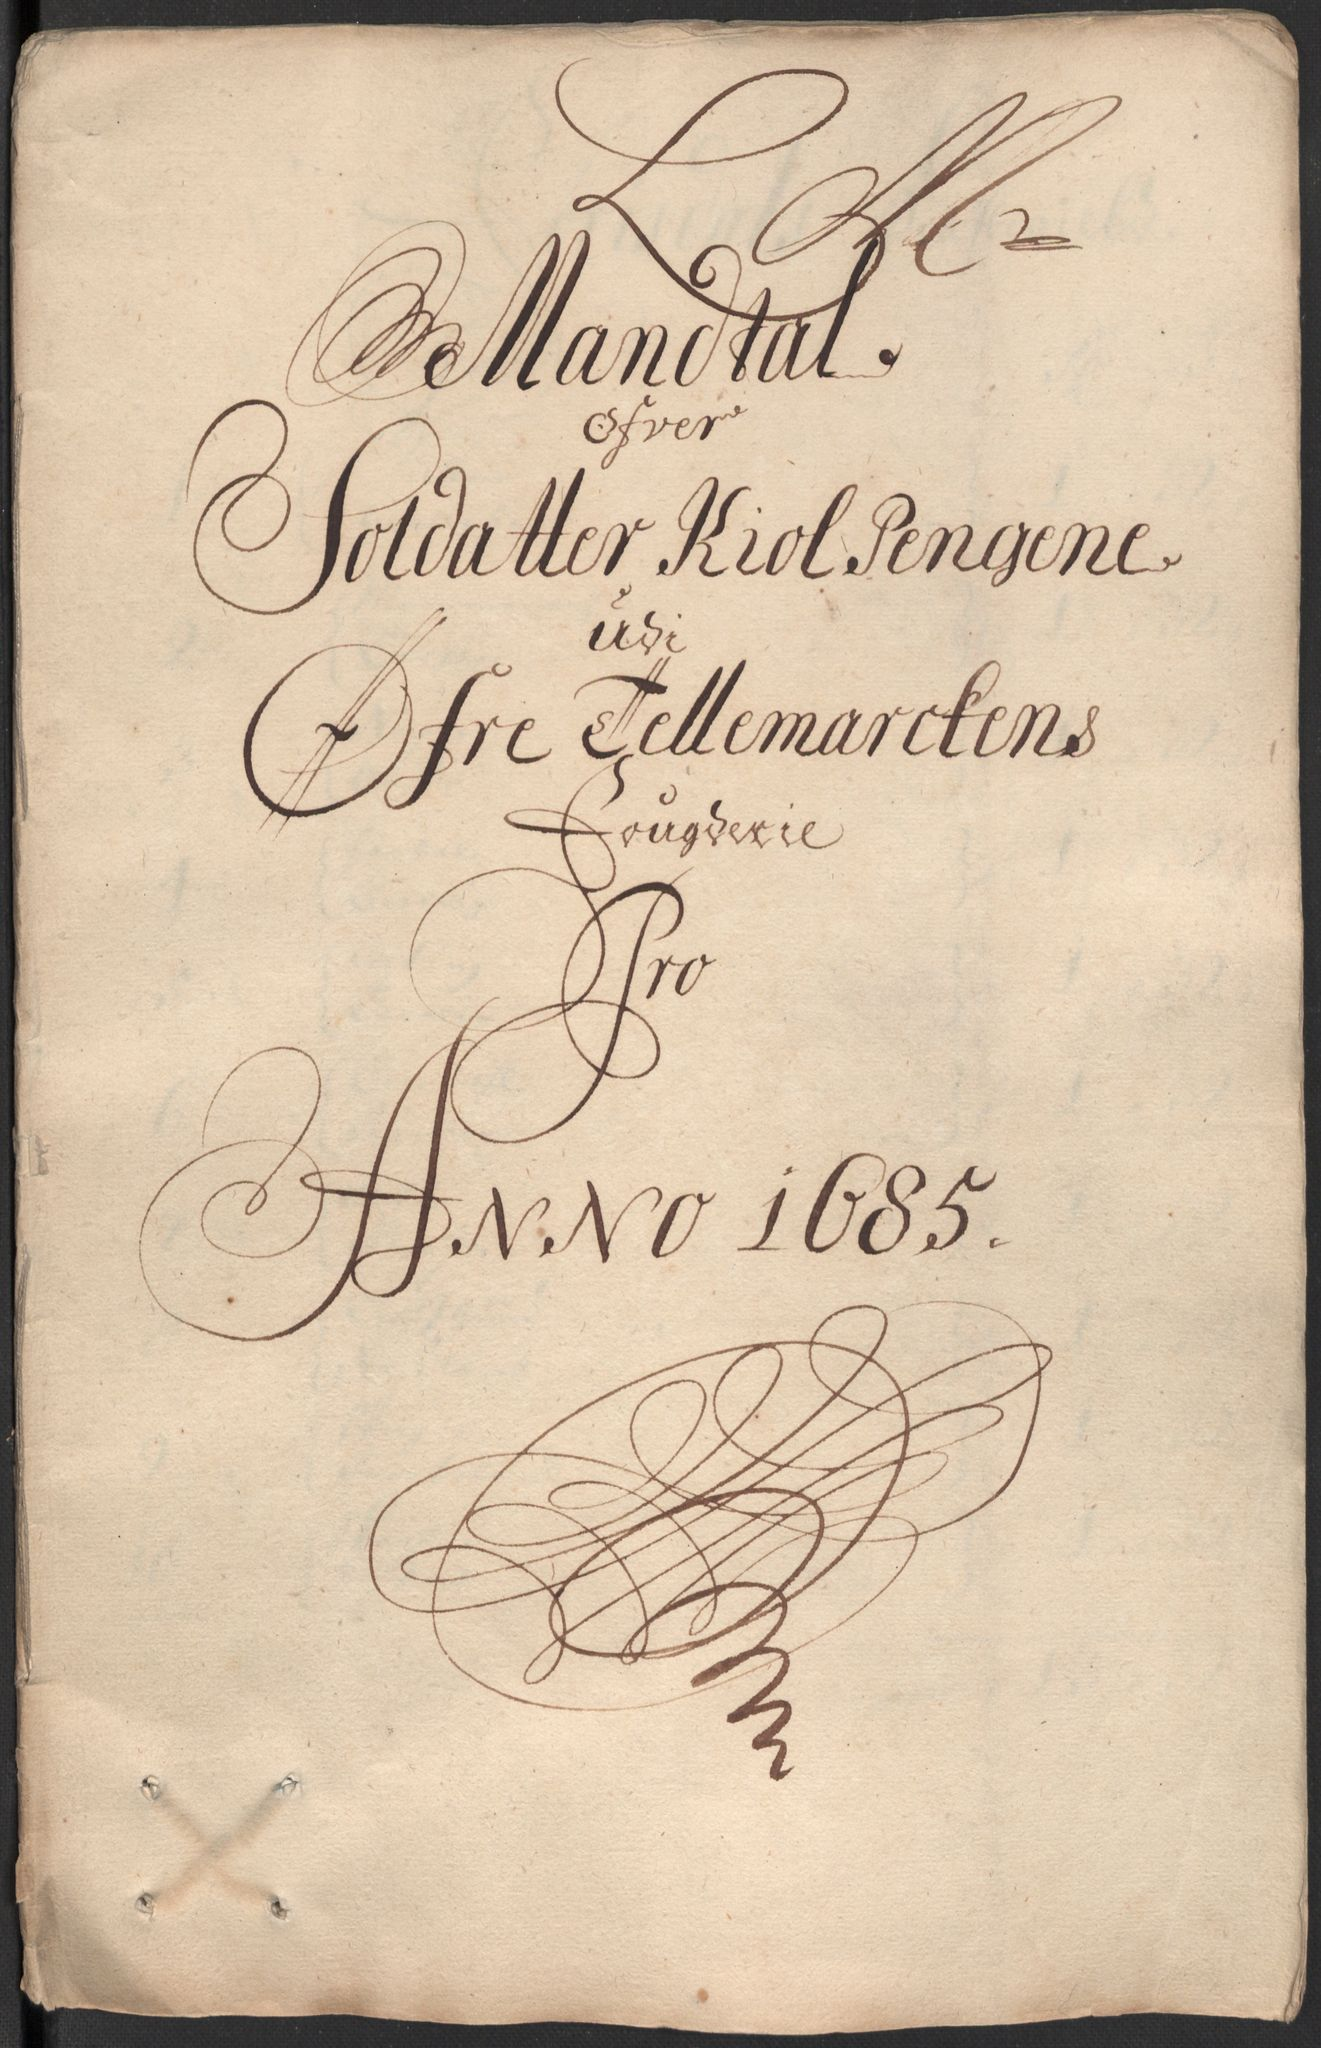 RA, Rentekammeret inntil 1814, Reviderte regnskaper, Fogderegnskap, R35/L2082: Fogderegnskap Øvre og Nedre Telemark, 1685, s. 331